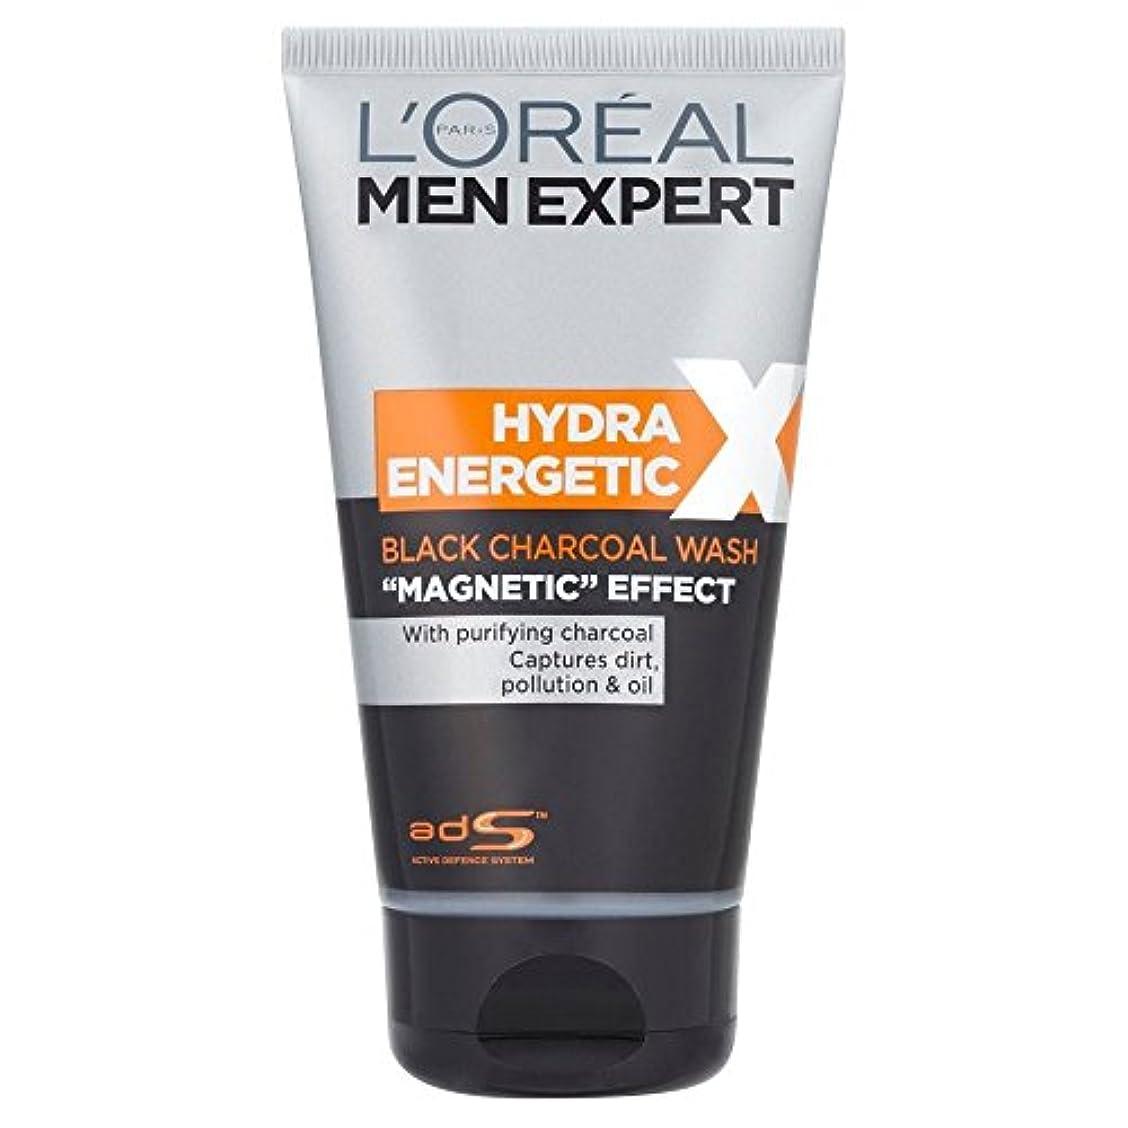 助言する盟主解くL'Oreal Paris Men Expert Hydra Energetic Daily Purifying Wash (150ml) L'オラ?アルパリのメンズ専門ヒドラエネルギッシュな毎日の浄化洗浄( 150ミリリットル)